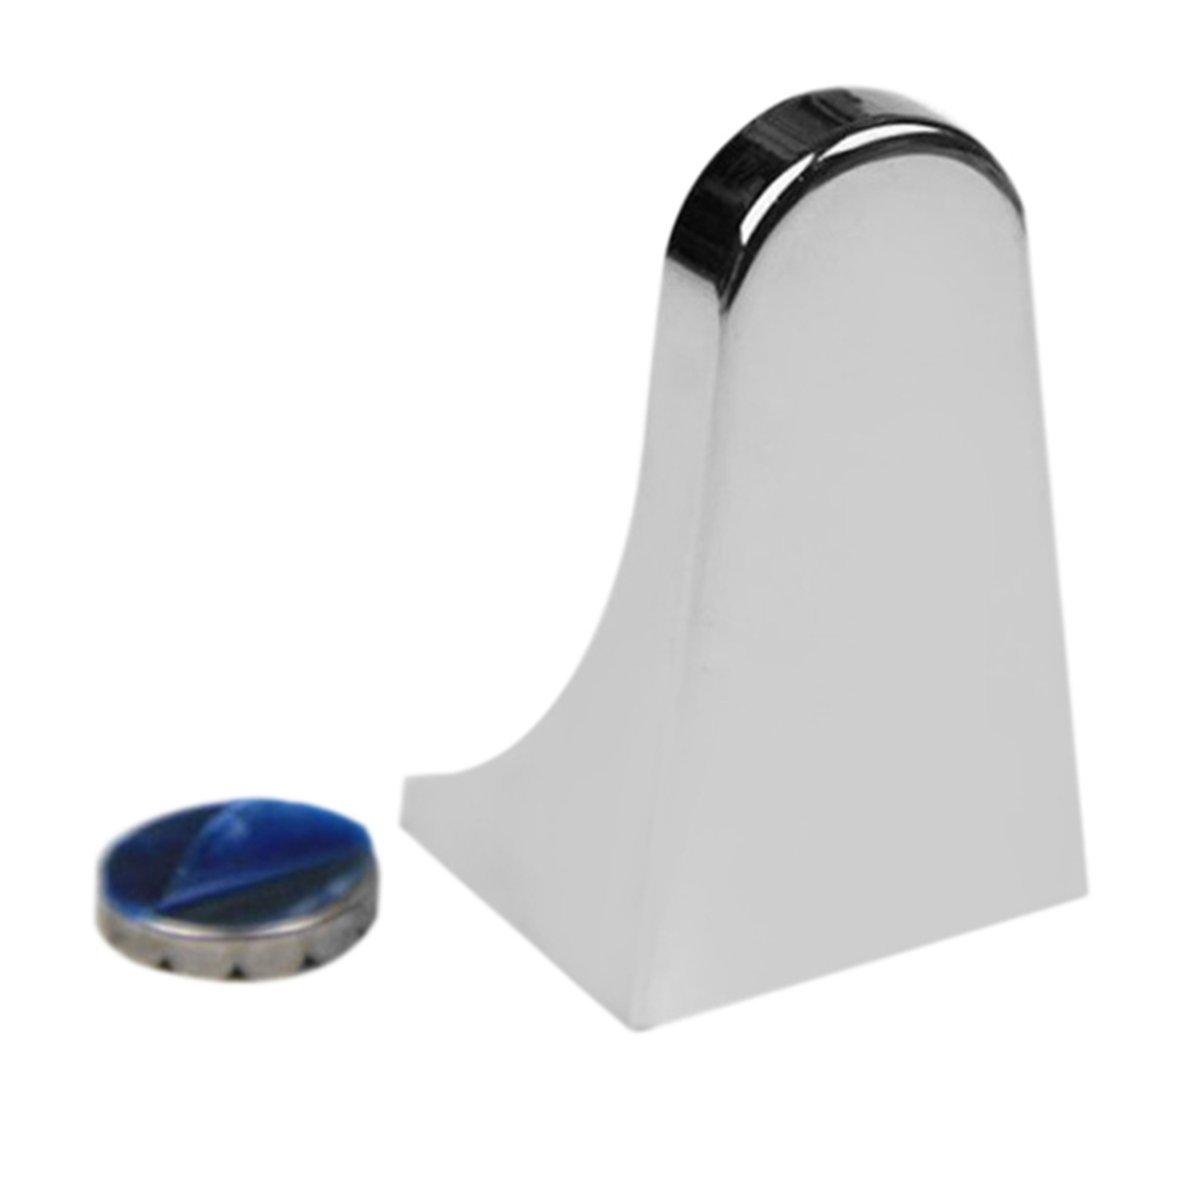 Colore: argento Gugutogo Pratico dispenser porta sapone magnetico in acciaio inox per uso domestico Portasapone dispenser per sapone a muro allegato